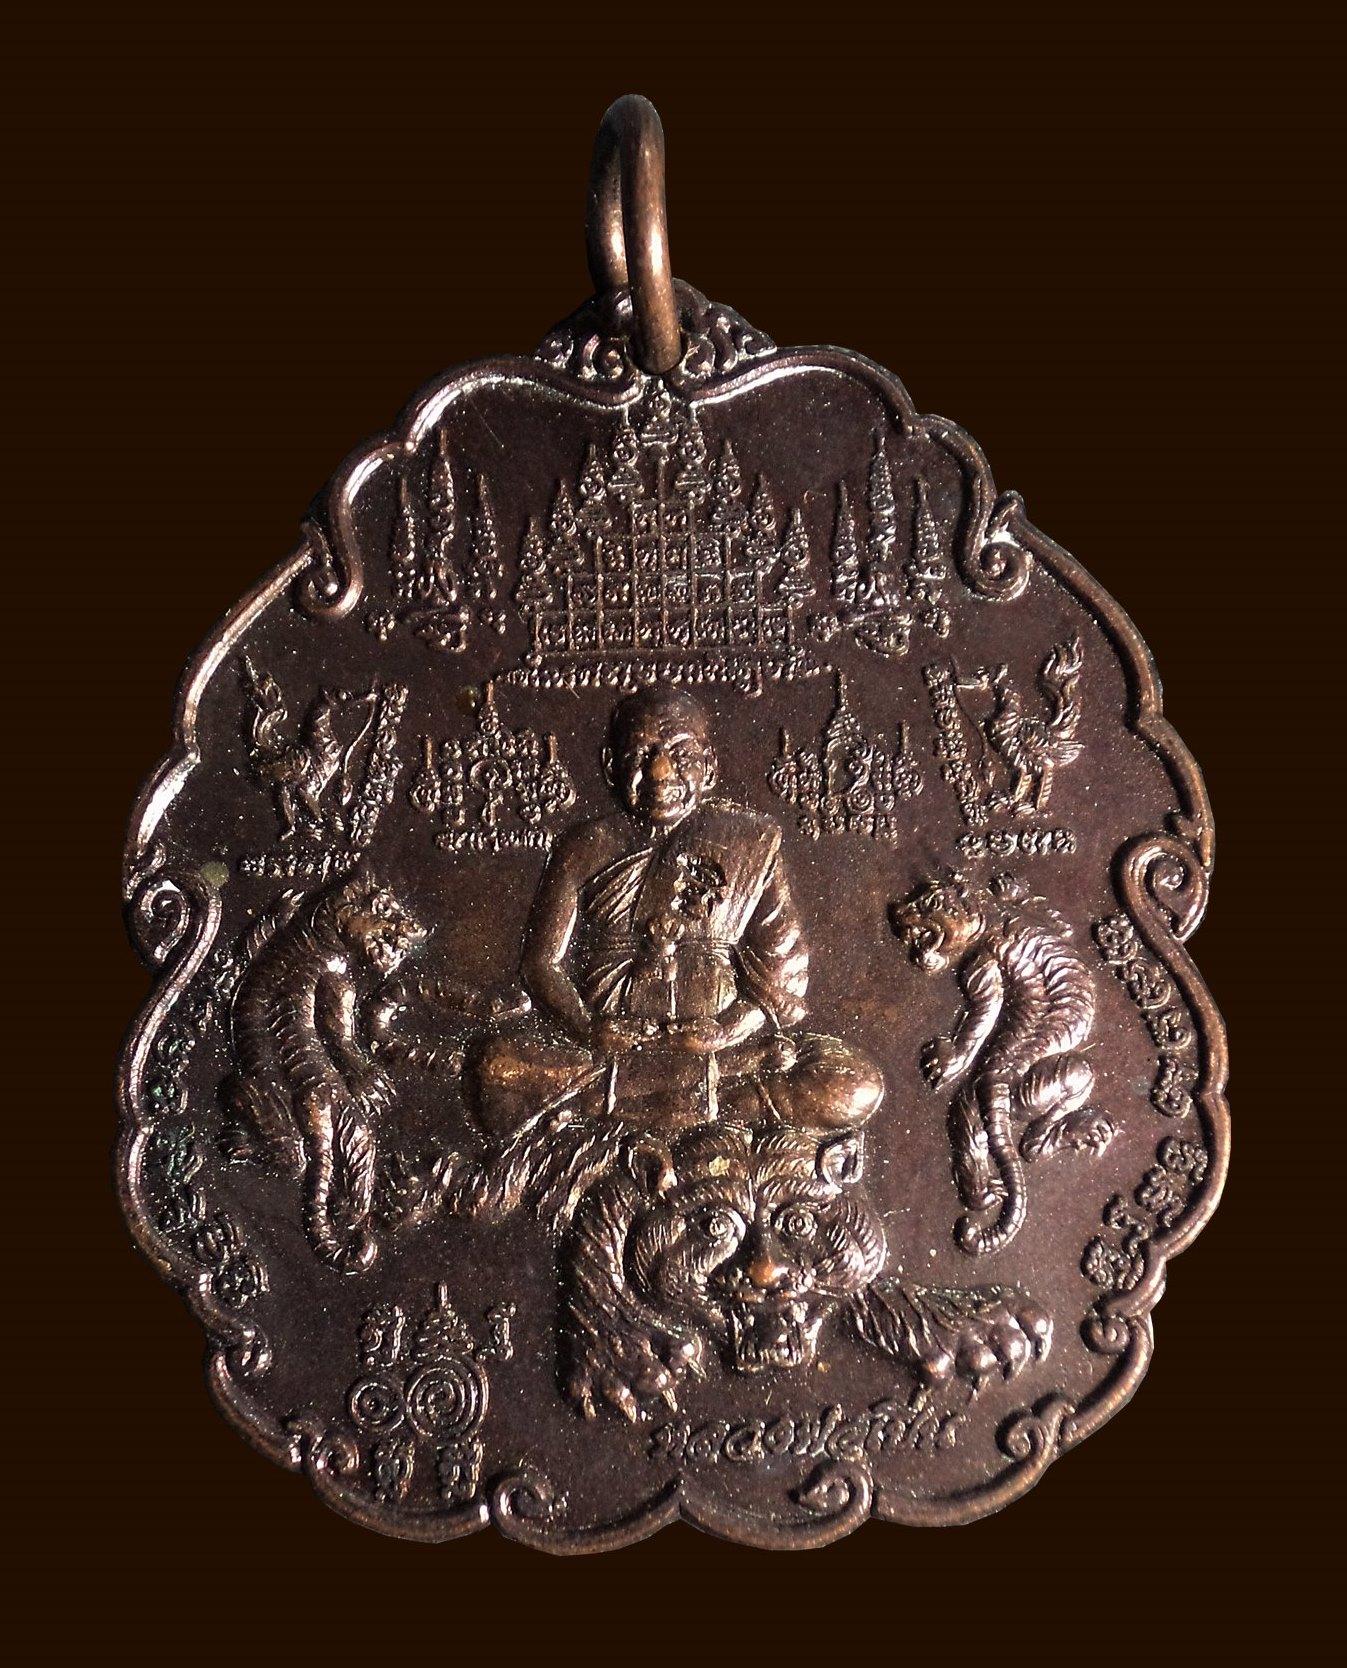 เหรียญพิธีไหว้ครู หลวงพ่อเปิ่น วัดบางพระ จ.นครปฐม ปี2554